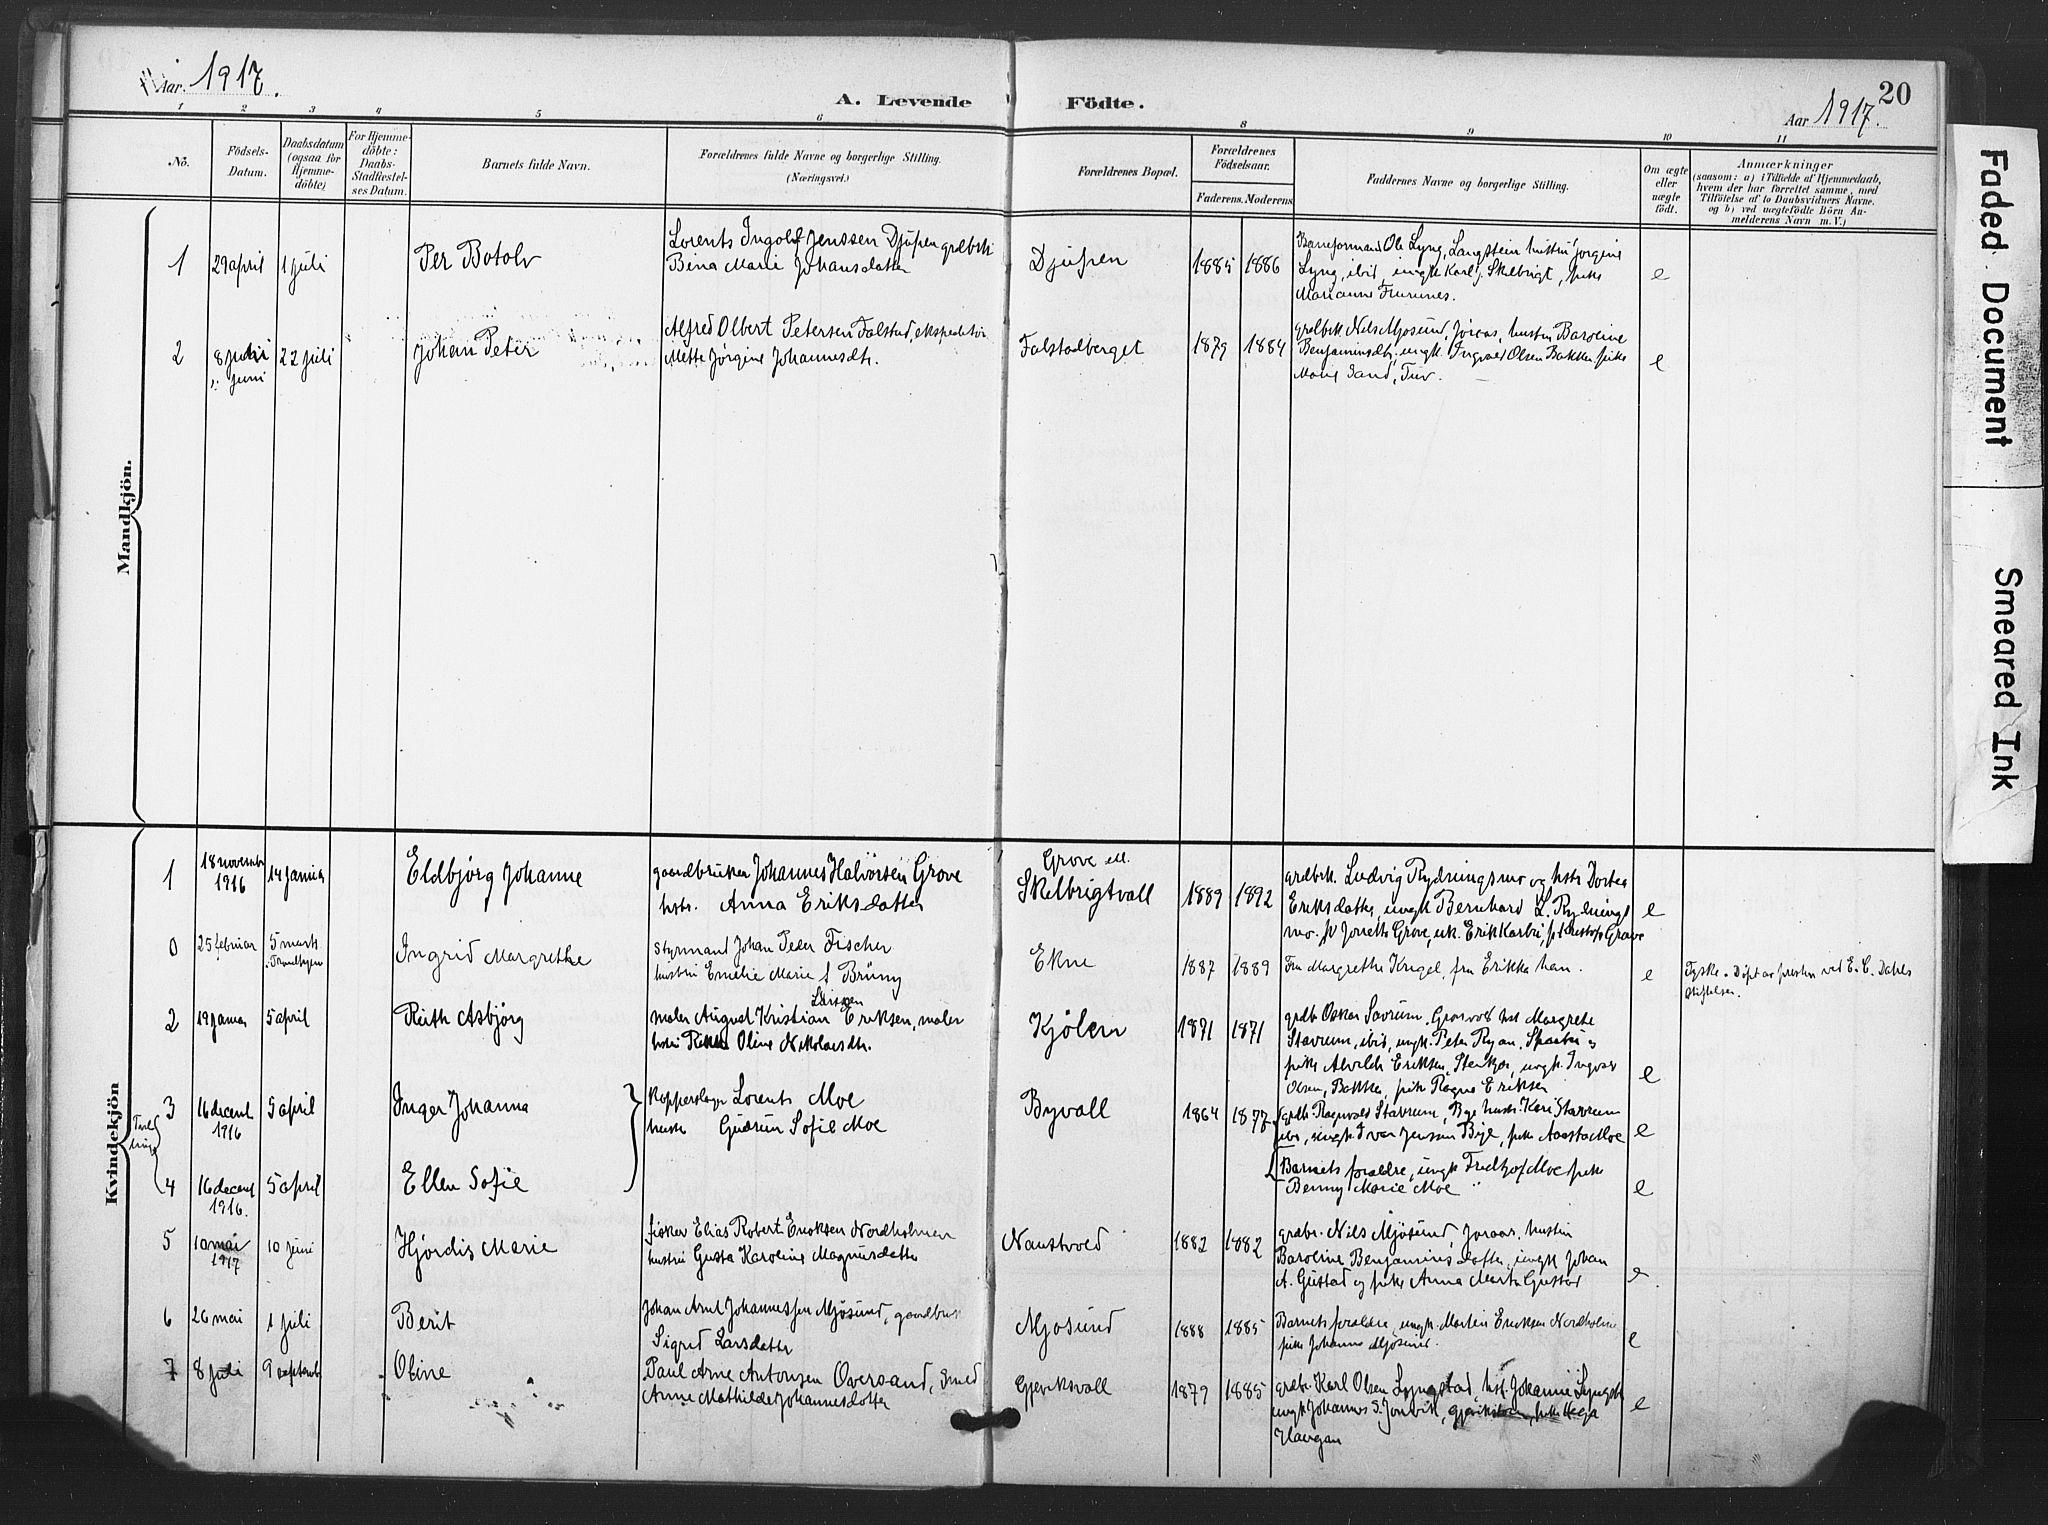 SAT, Ministerialprotokoller, klokkerbøker og fødselsregistre - Nord-Trøndelag, 719/L0179: Ministerialbok nr. 719A02, 1901-1923, s. 20